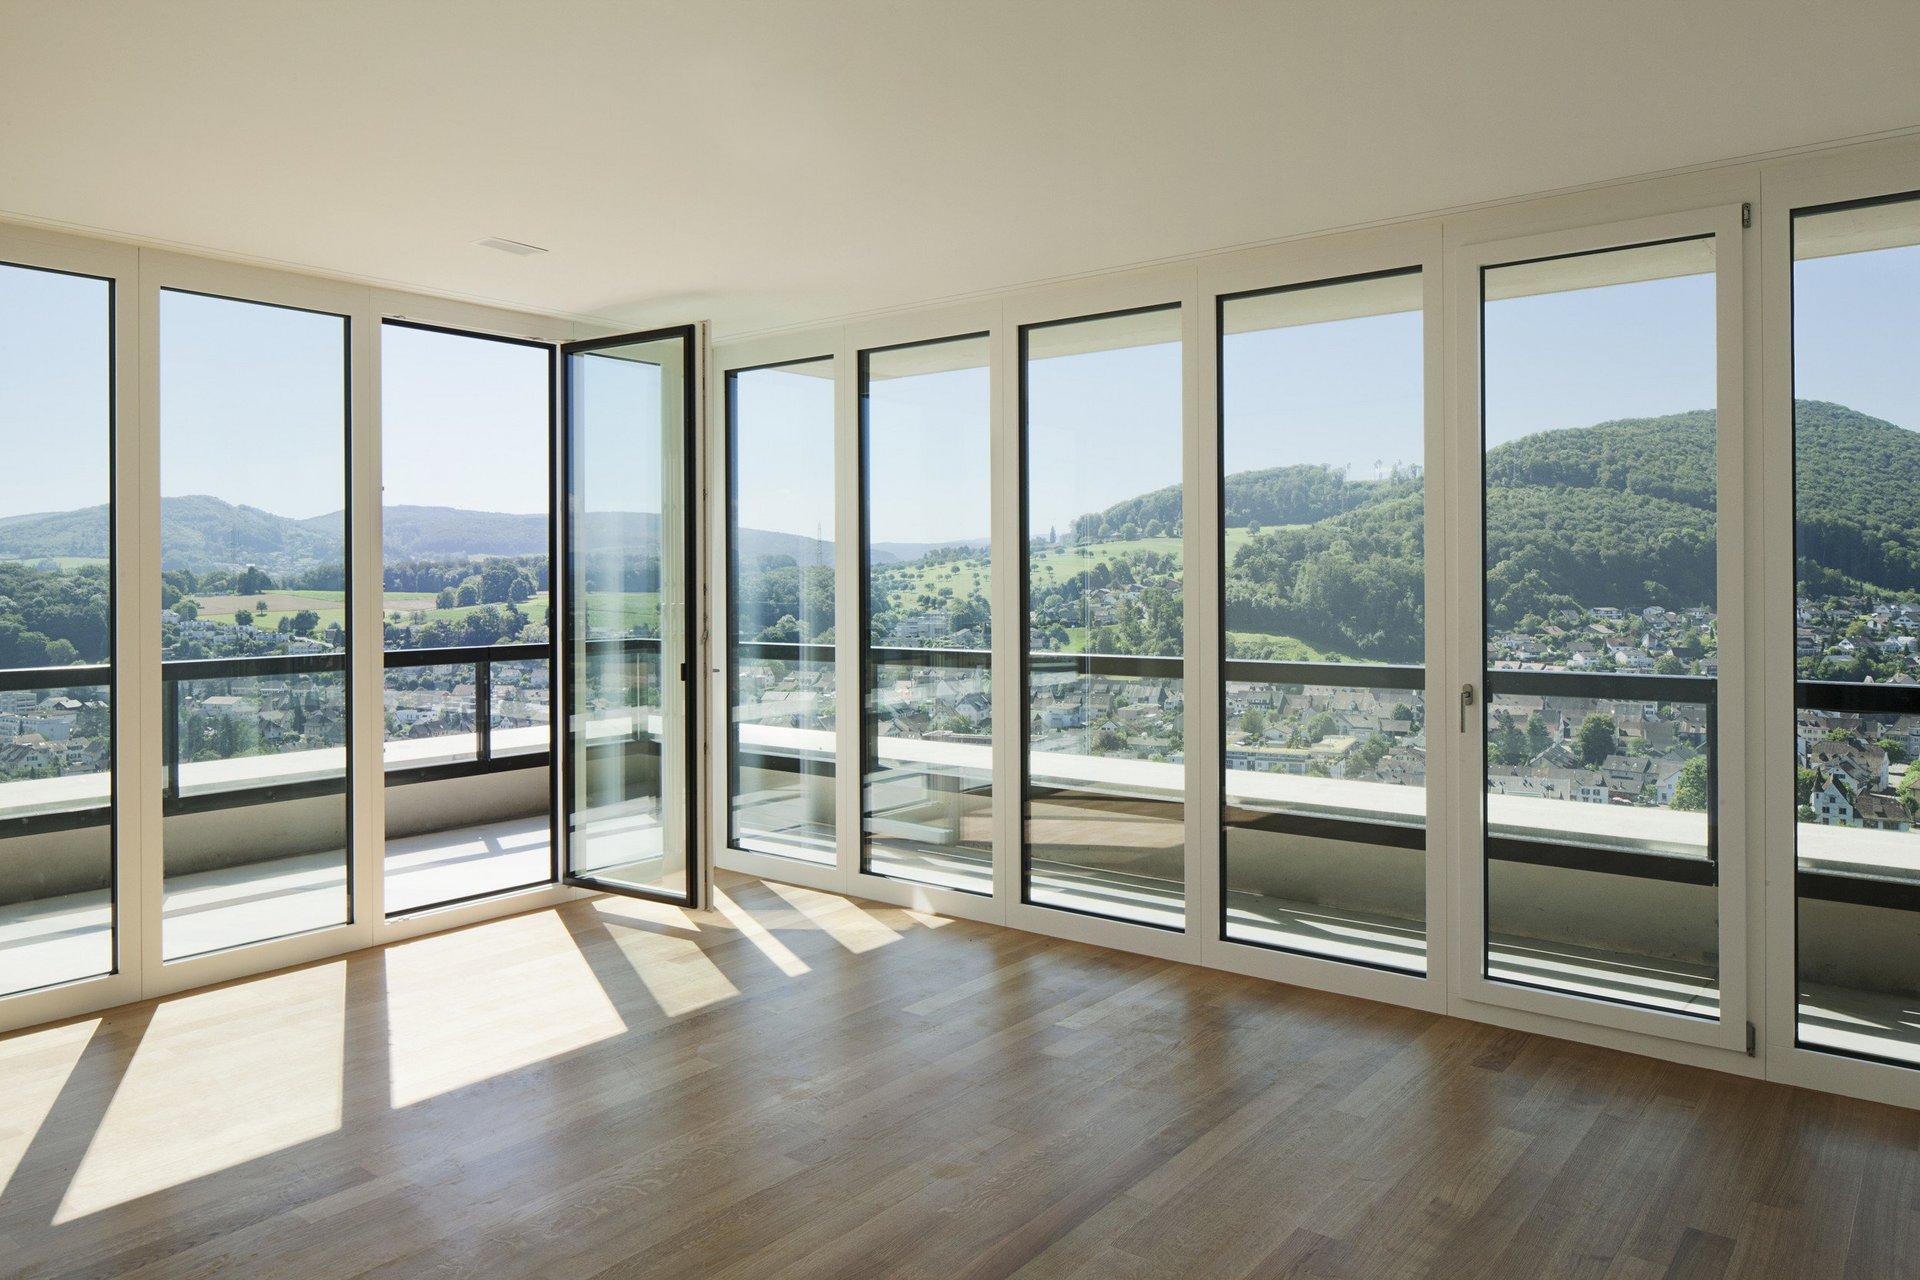 unmöblierter Raum mit Fensterfront aus Holz-Metall in hellem und modernem Design